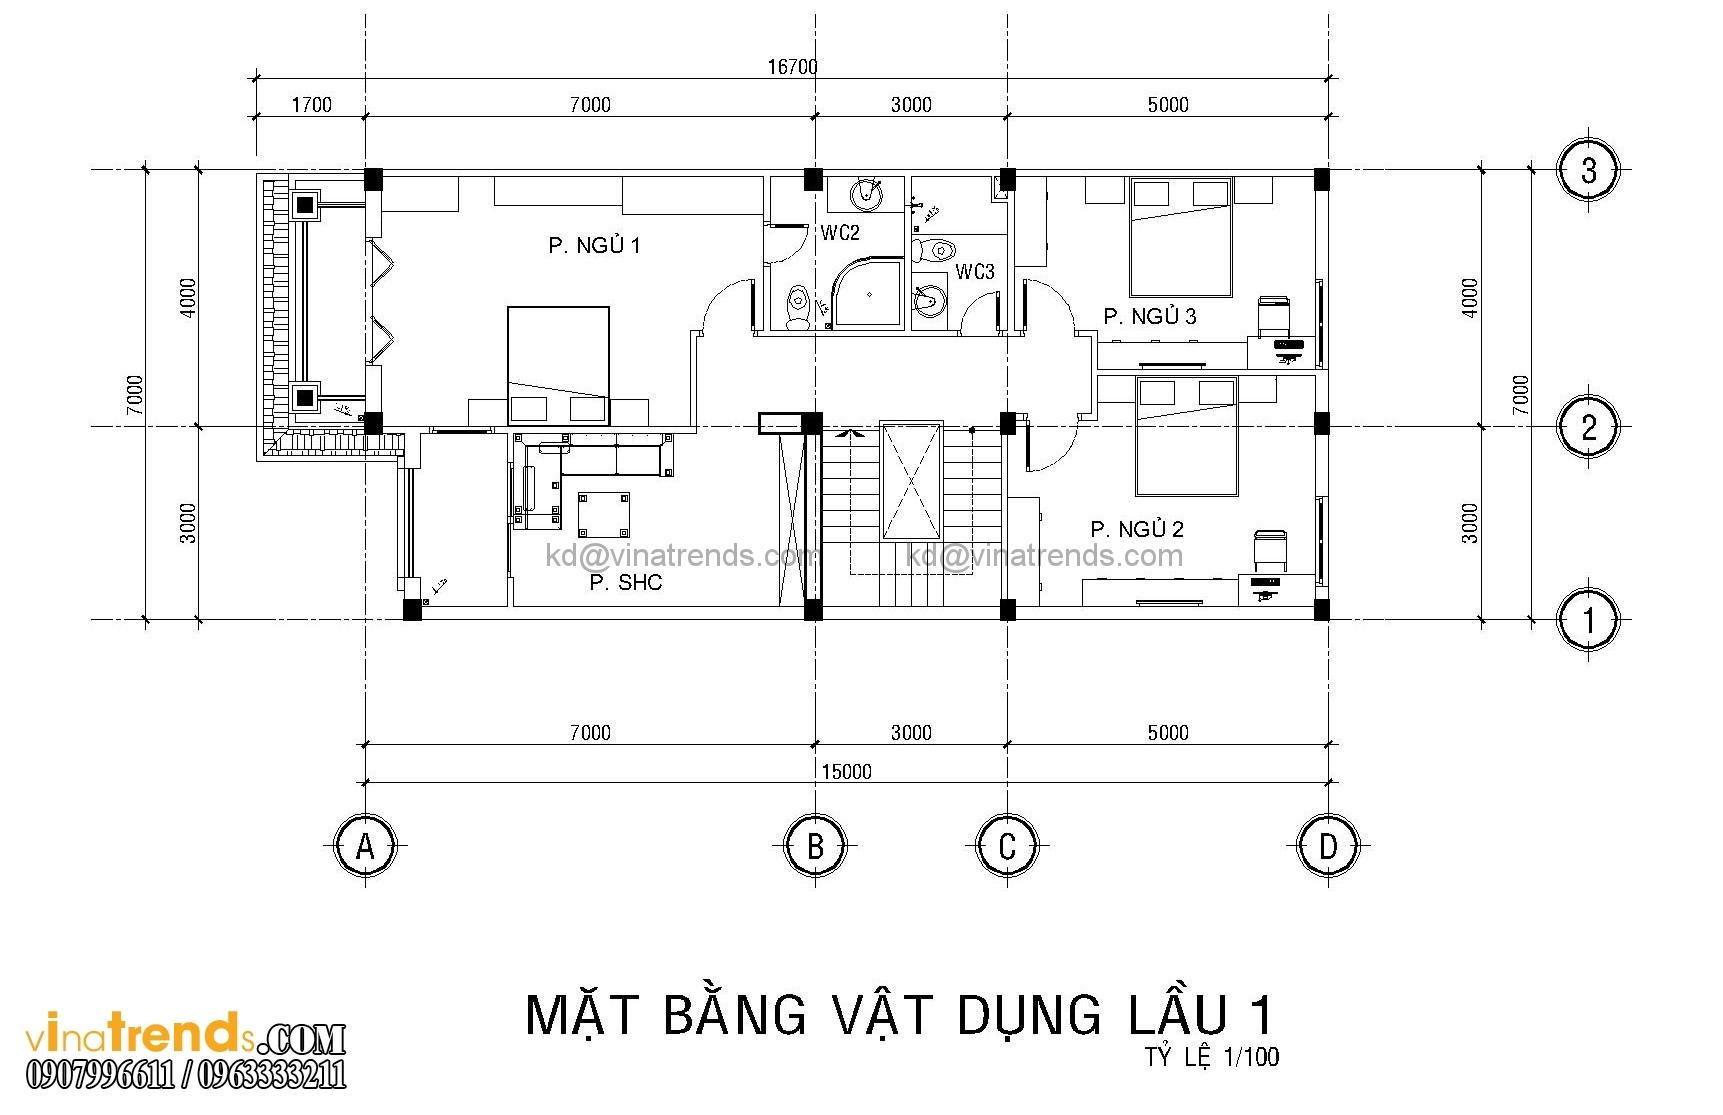 mb biet thu co dien dep 3 Mẫu nhà biệt thự 3 tầng cổ điển mái thái 7m dài 15m nhà anh Ẩn ở Hồ Chí Minh